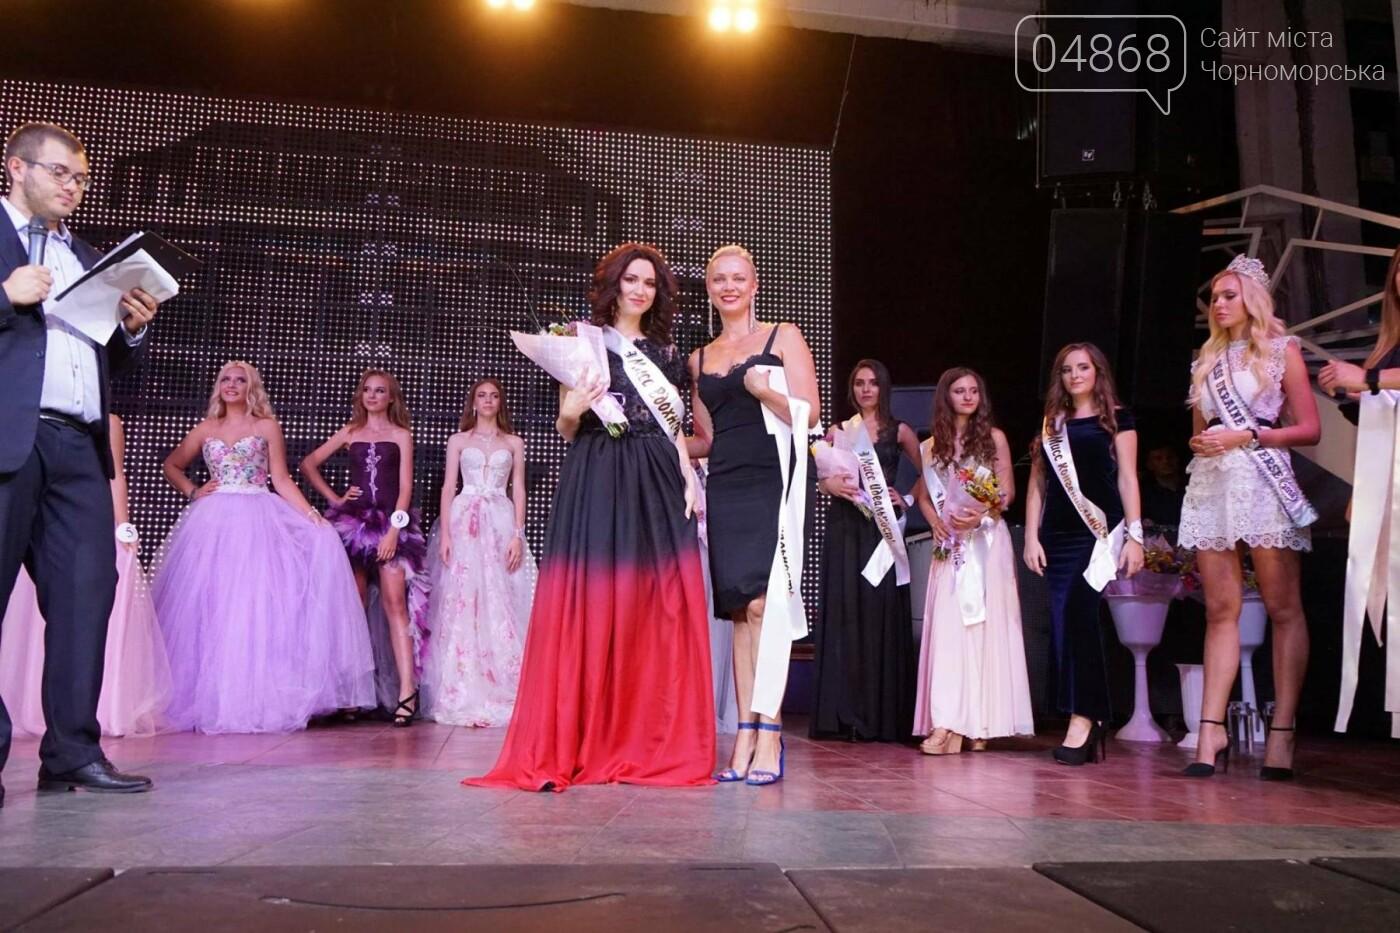 В Черноморске избрана новая Королева красоты, фото-2